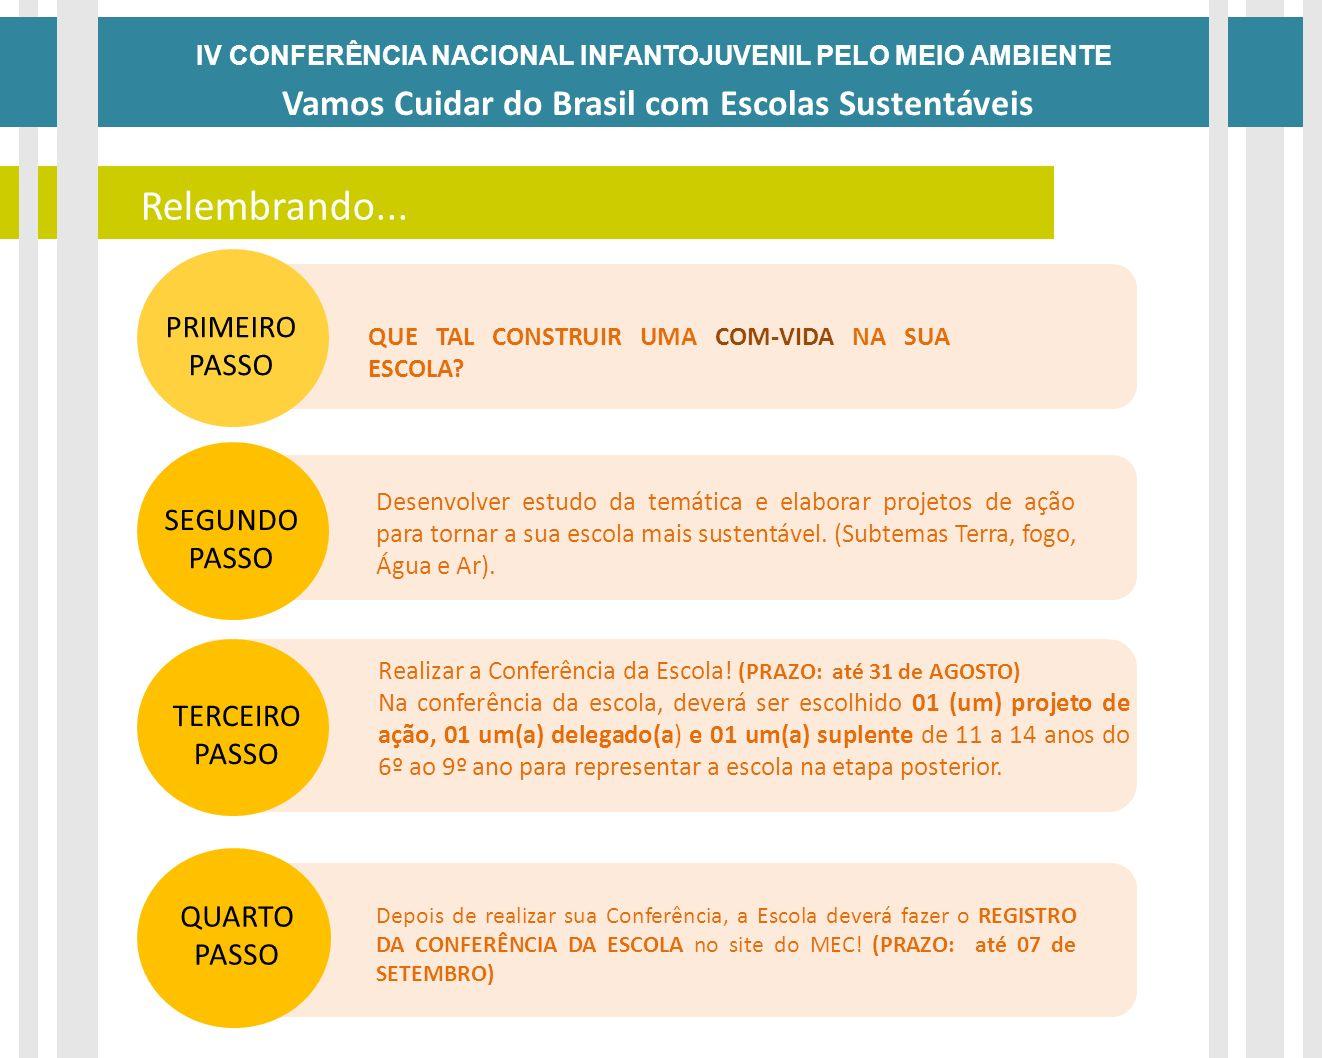 Relembrando... Vamos Cuidar do Brasil com Escolas Sustentáveis DATAS